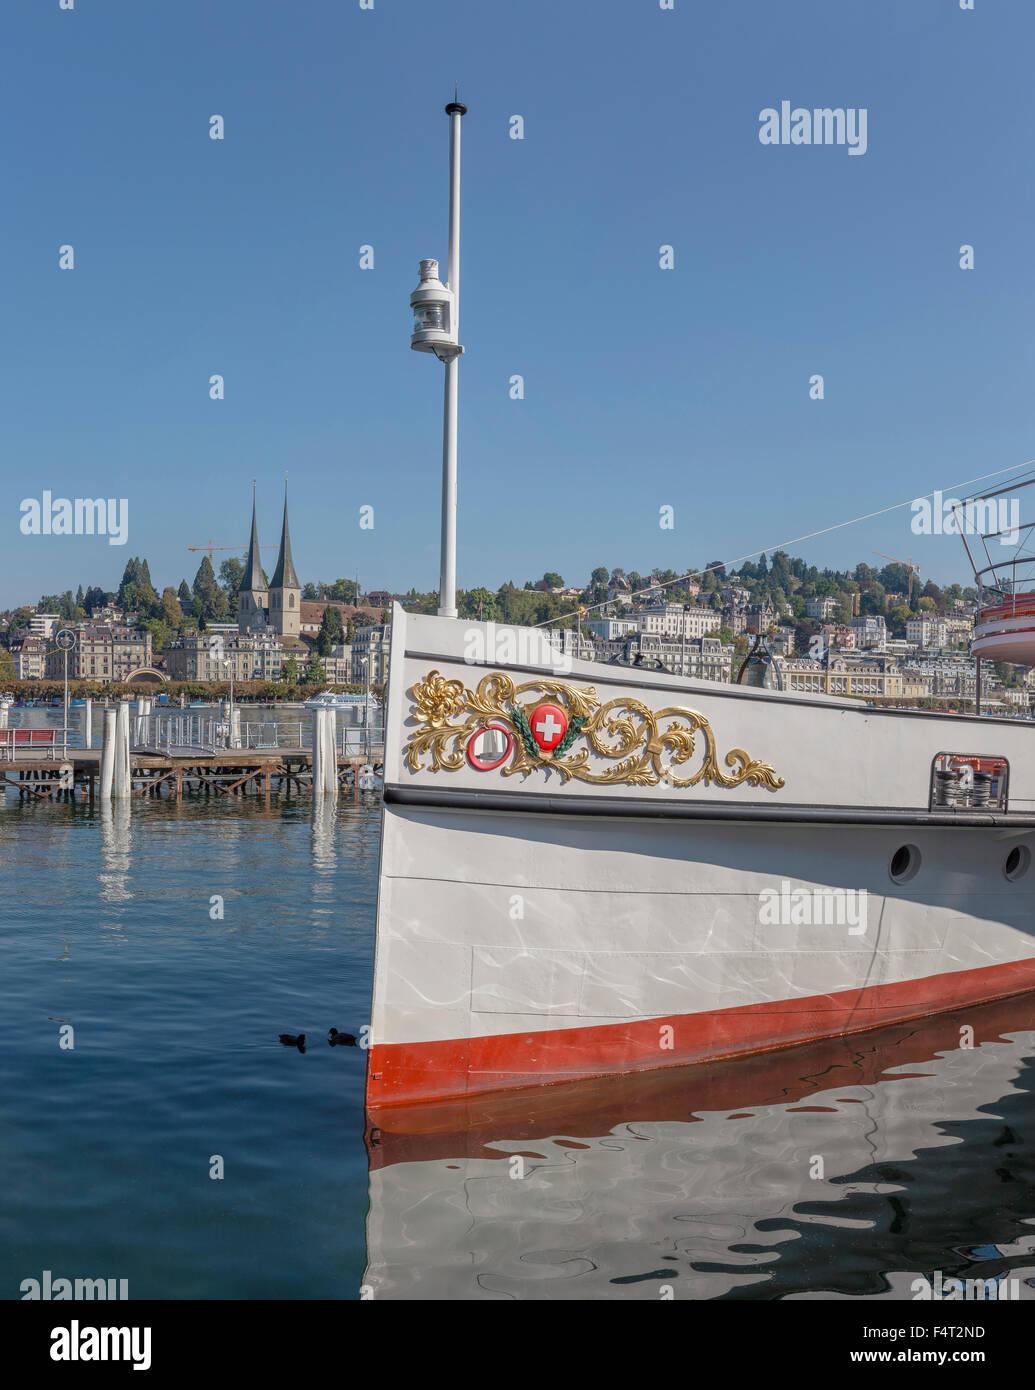 Suiza, Europa, Lucerna, Lucerna, un viaje de ida y vuelta, barco Vierwaldstättersee Schifffahrtgesellschaft, Imagen De Stock